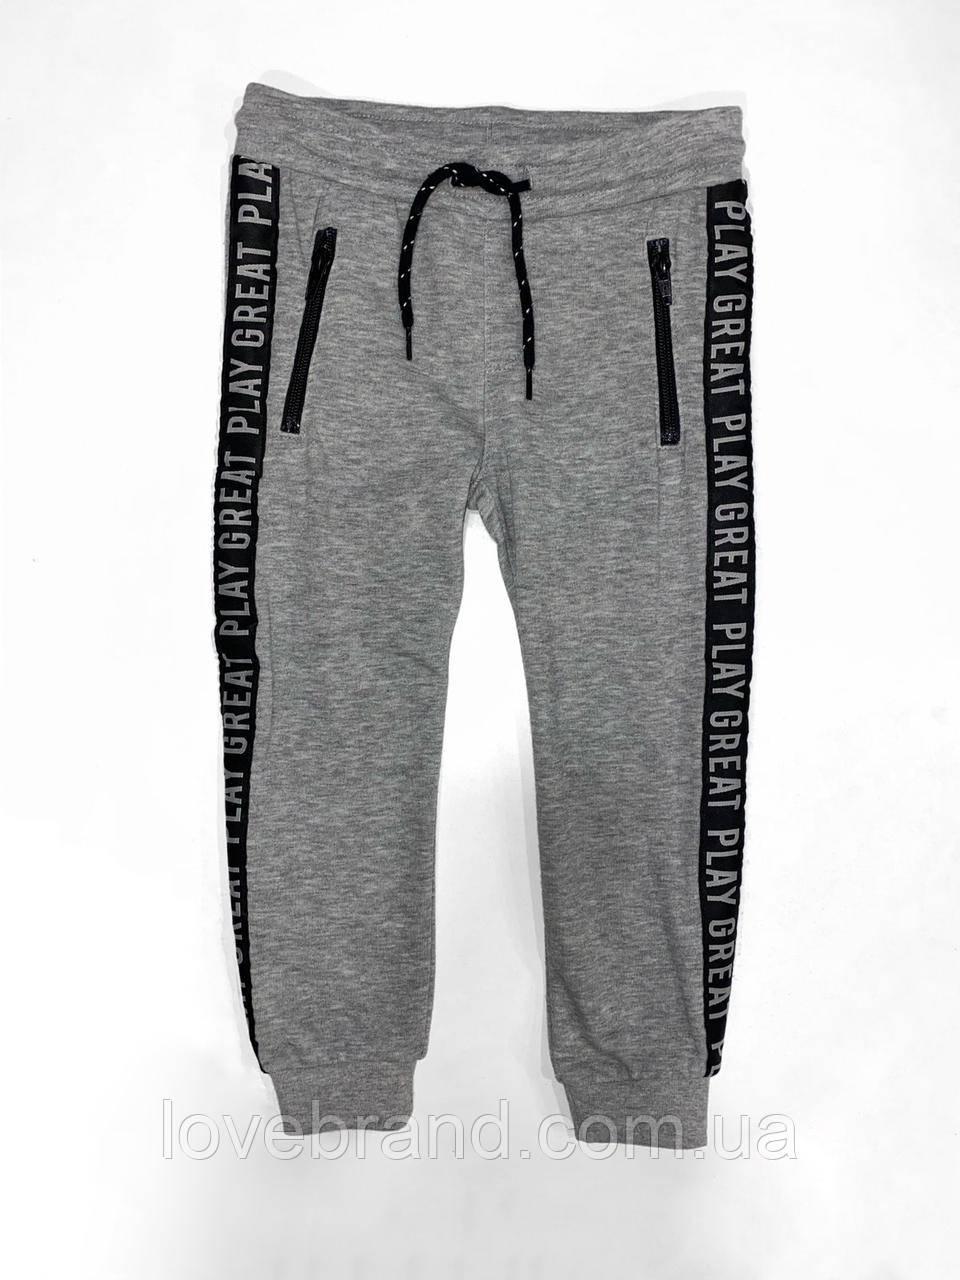 Спортивные штаны для мальчика H&M серые. Джоггеры с лампасами и карманами 1.5-2 г./92 см